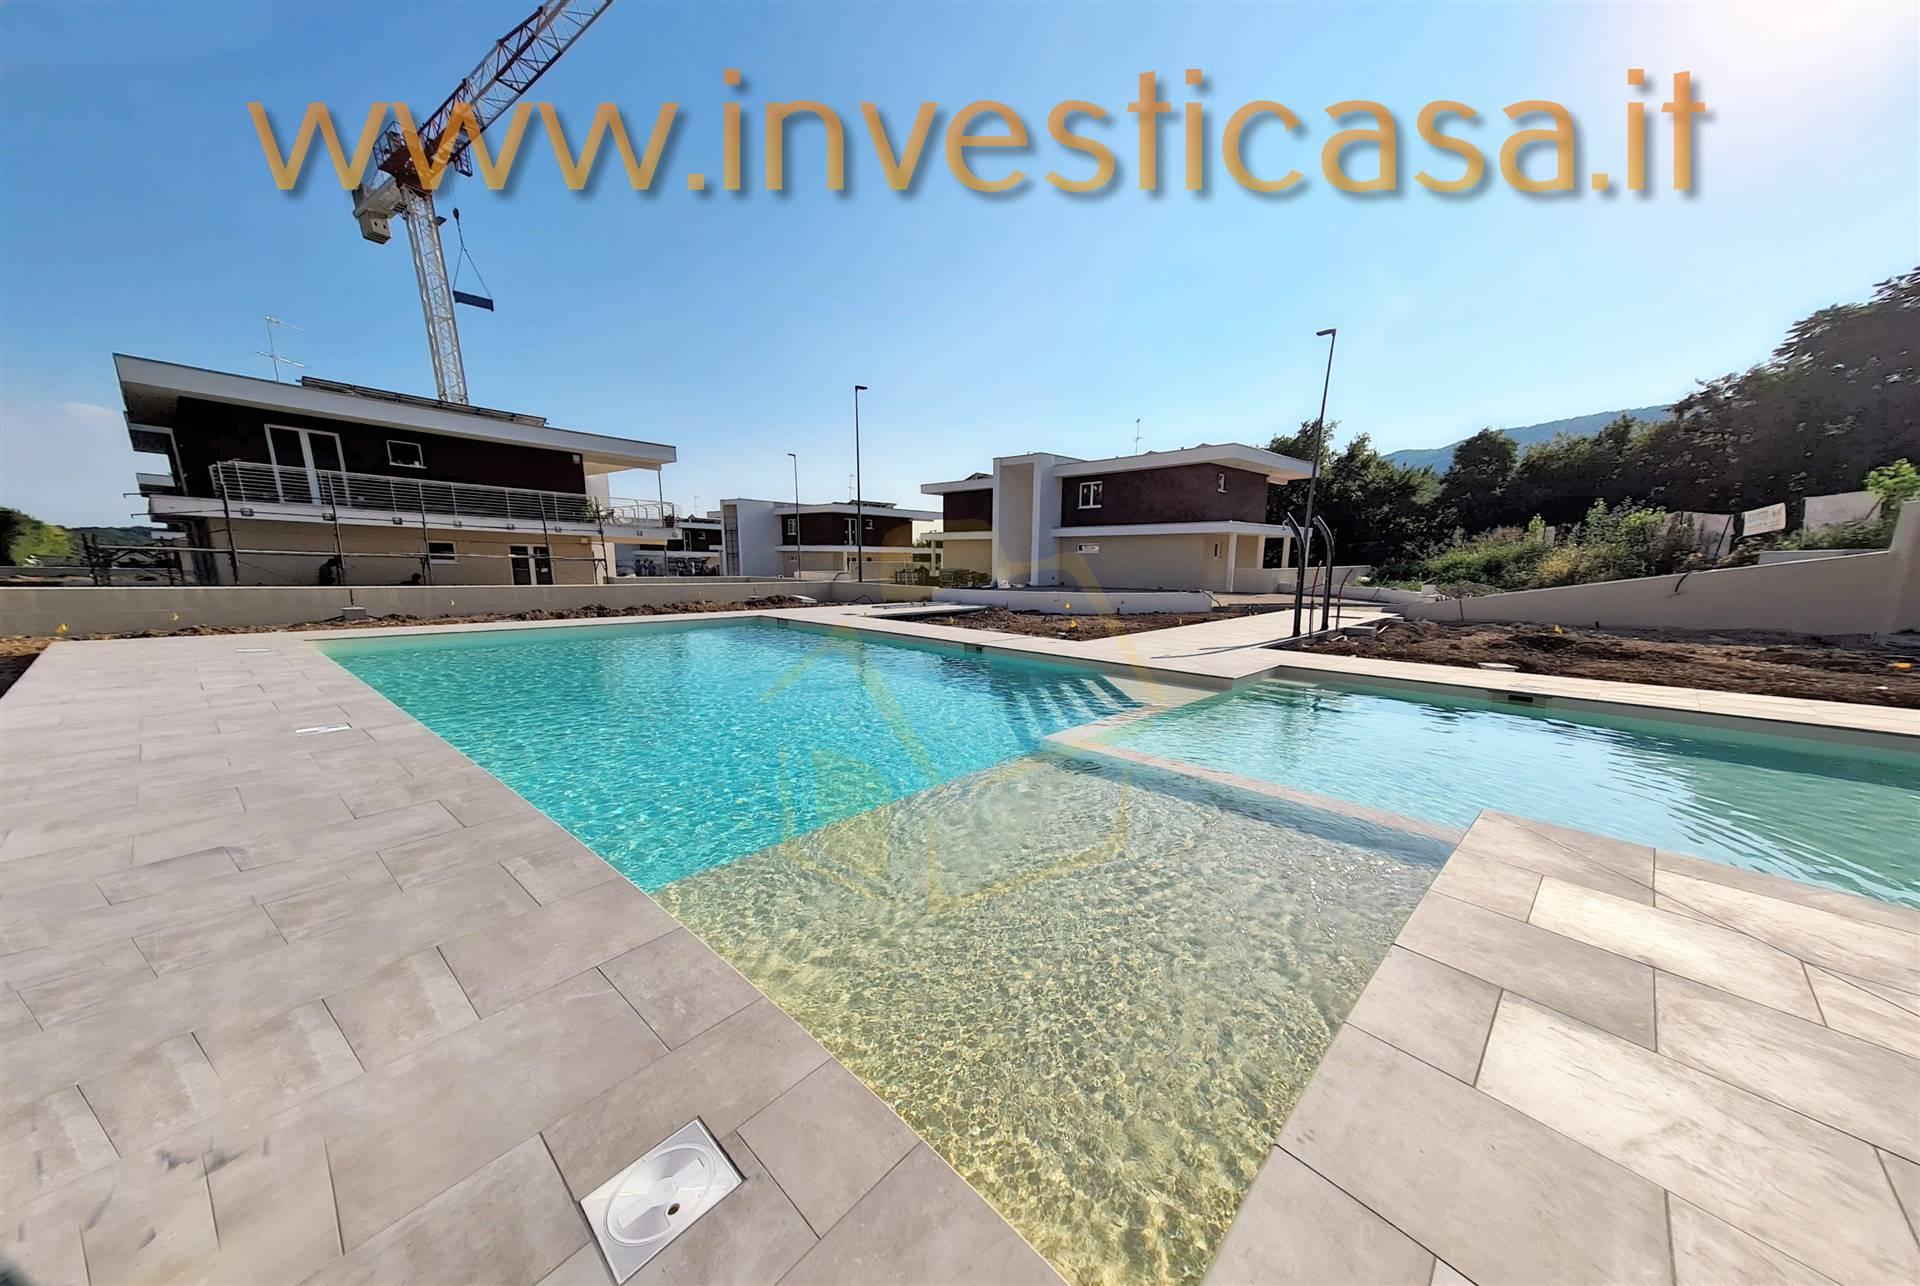 Appartamento in vendita a Costermano, 3 locali, zona Zona: Castion, prezzo € 265.000   CambioCasa.it